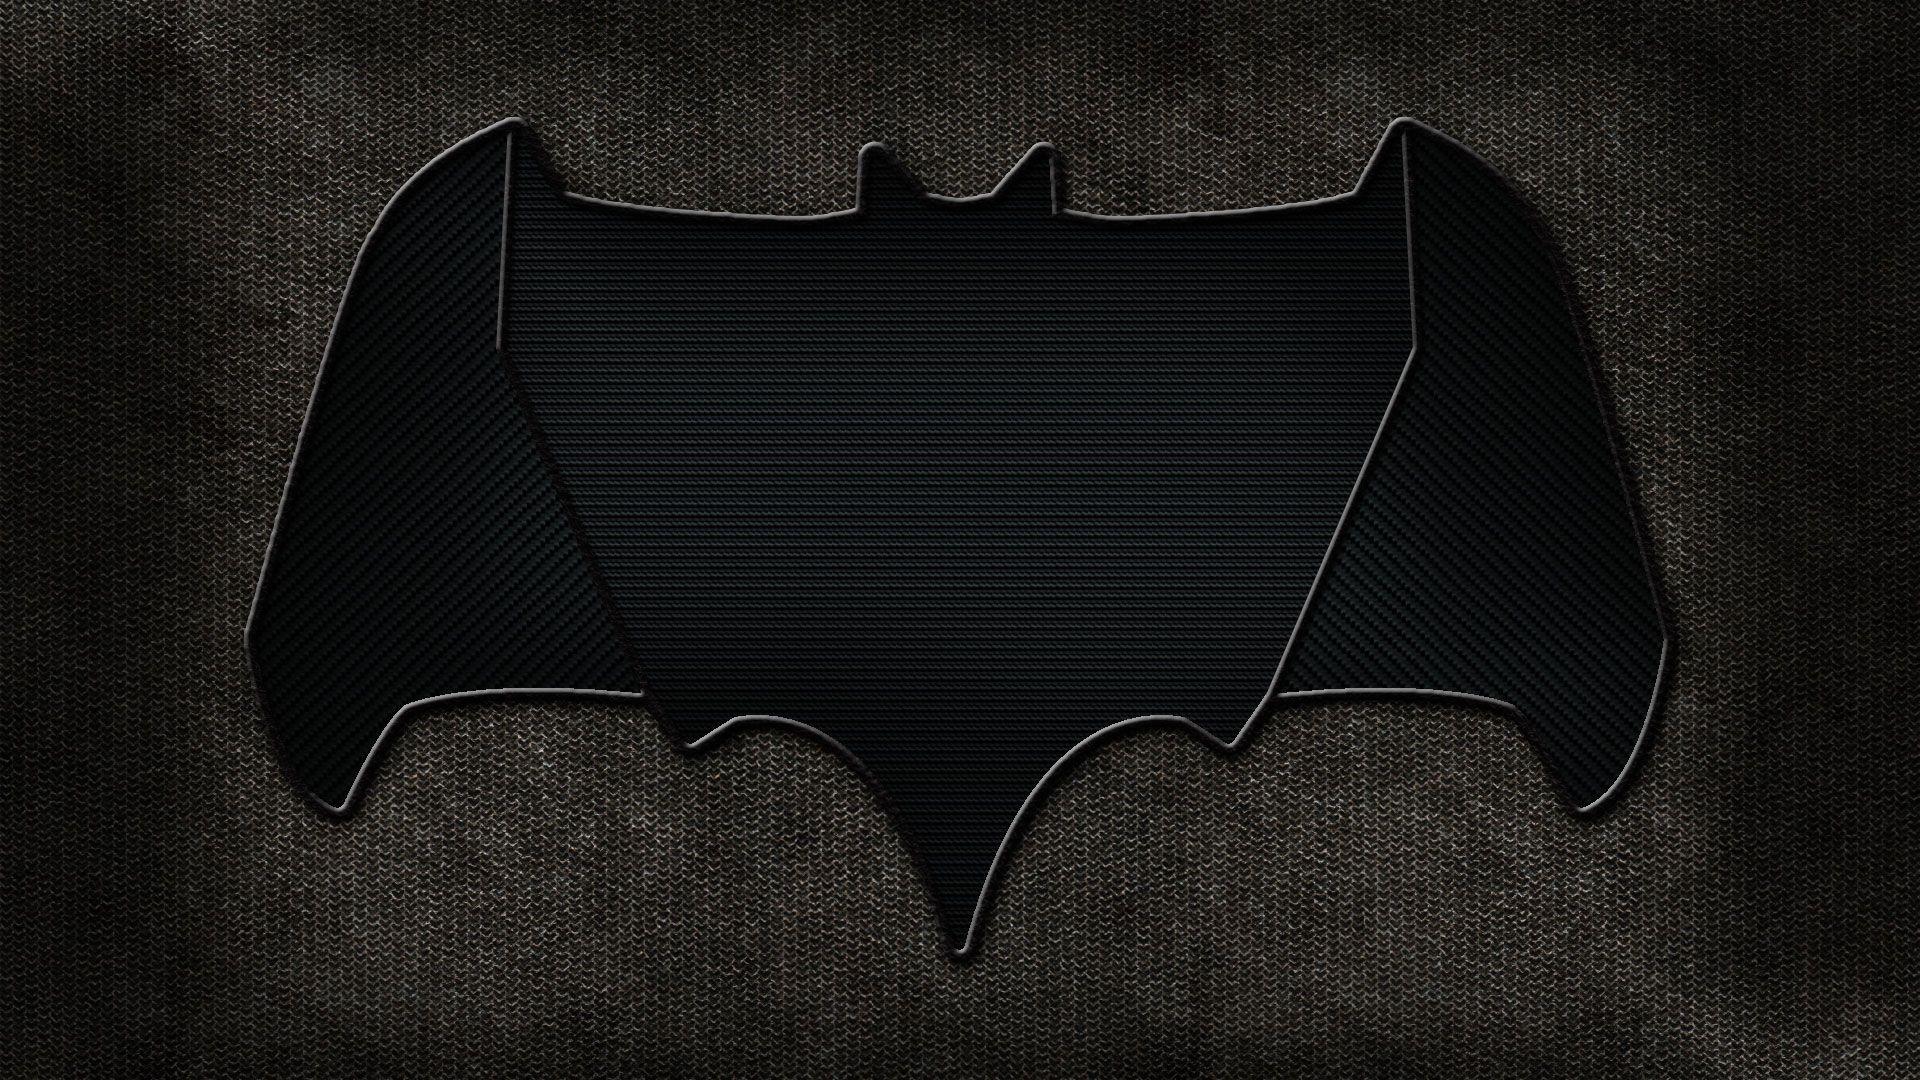 Batman logo wallpaper google search batman wallpaper batman logo wallpaper google search voltagebd Gallery